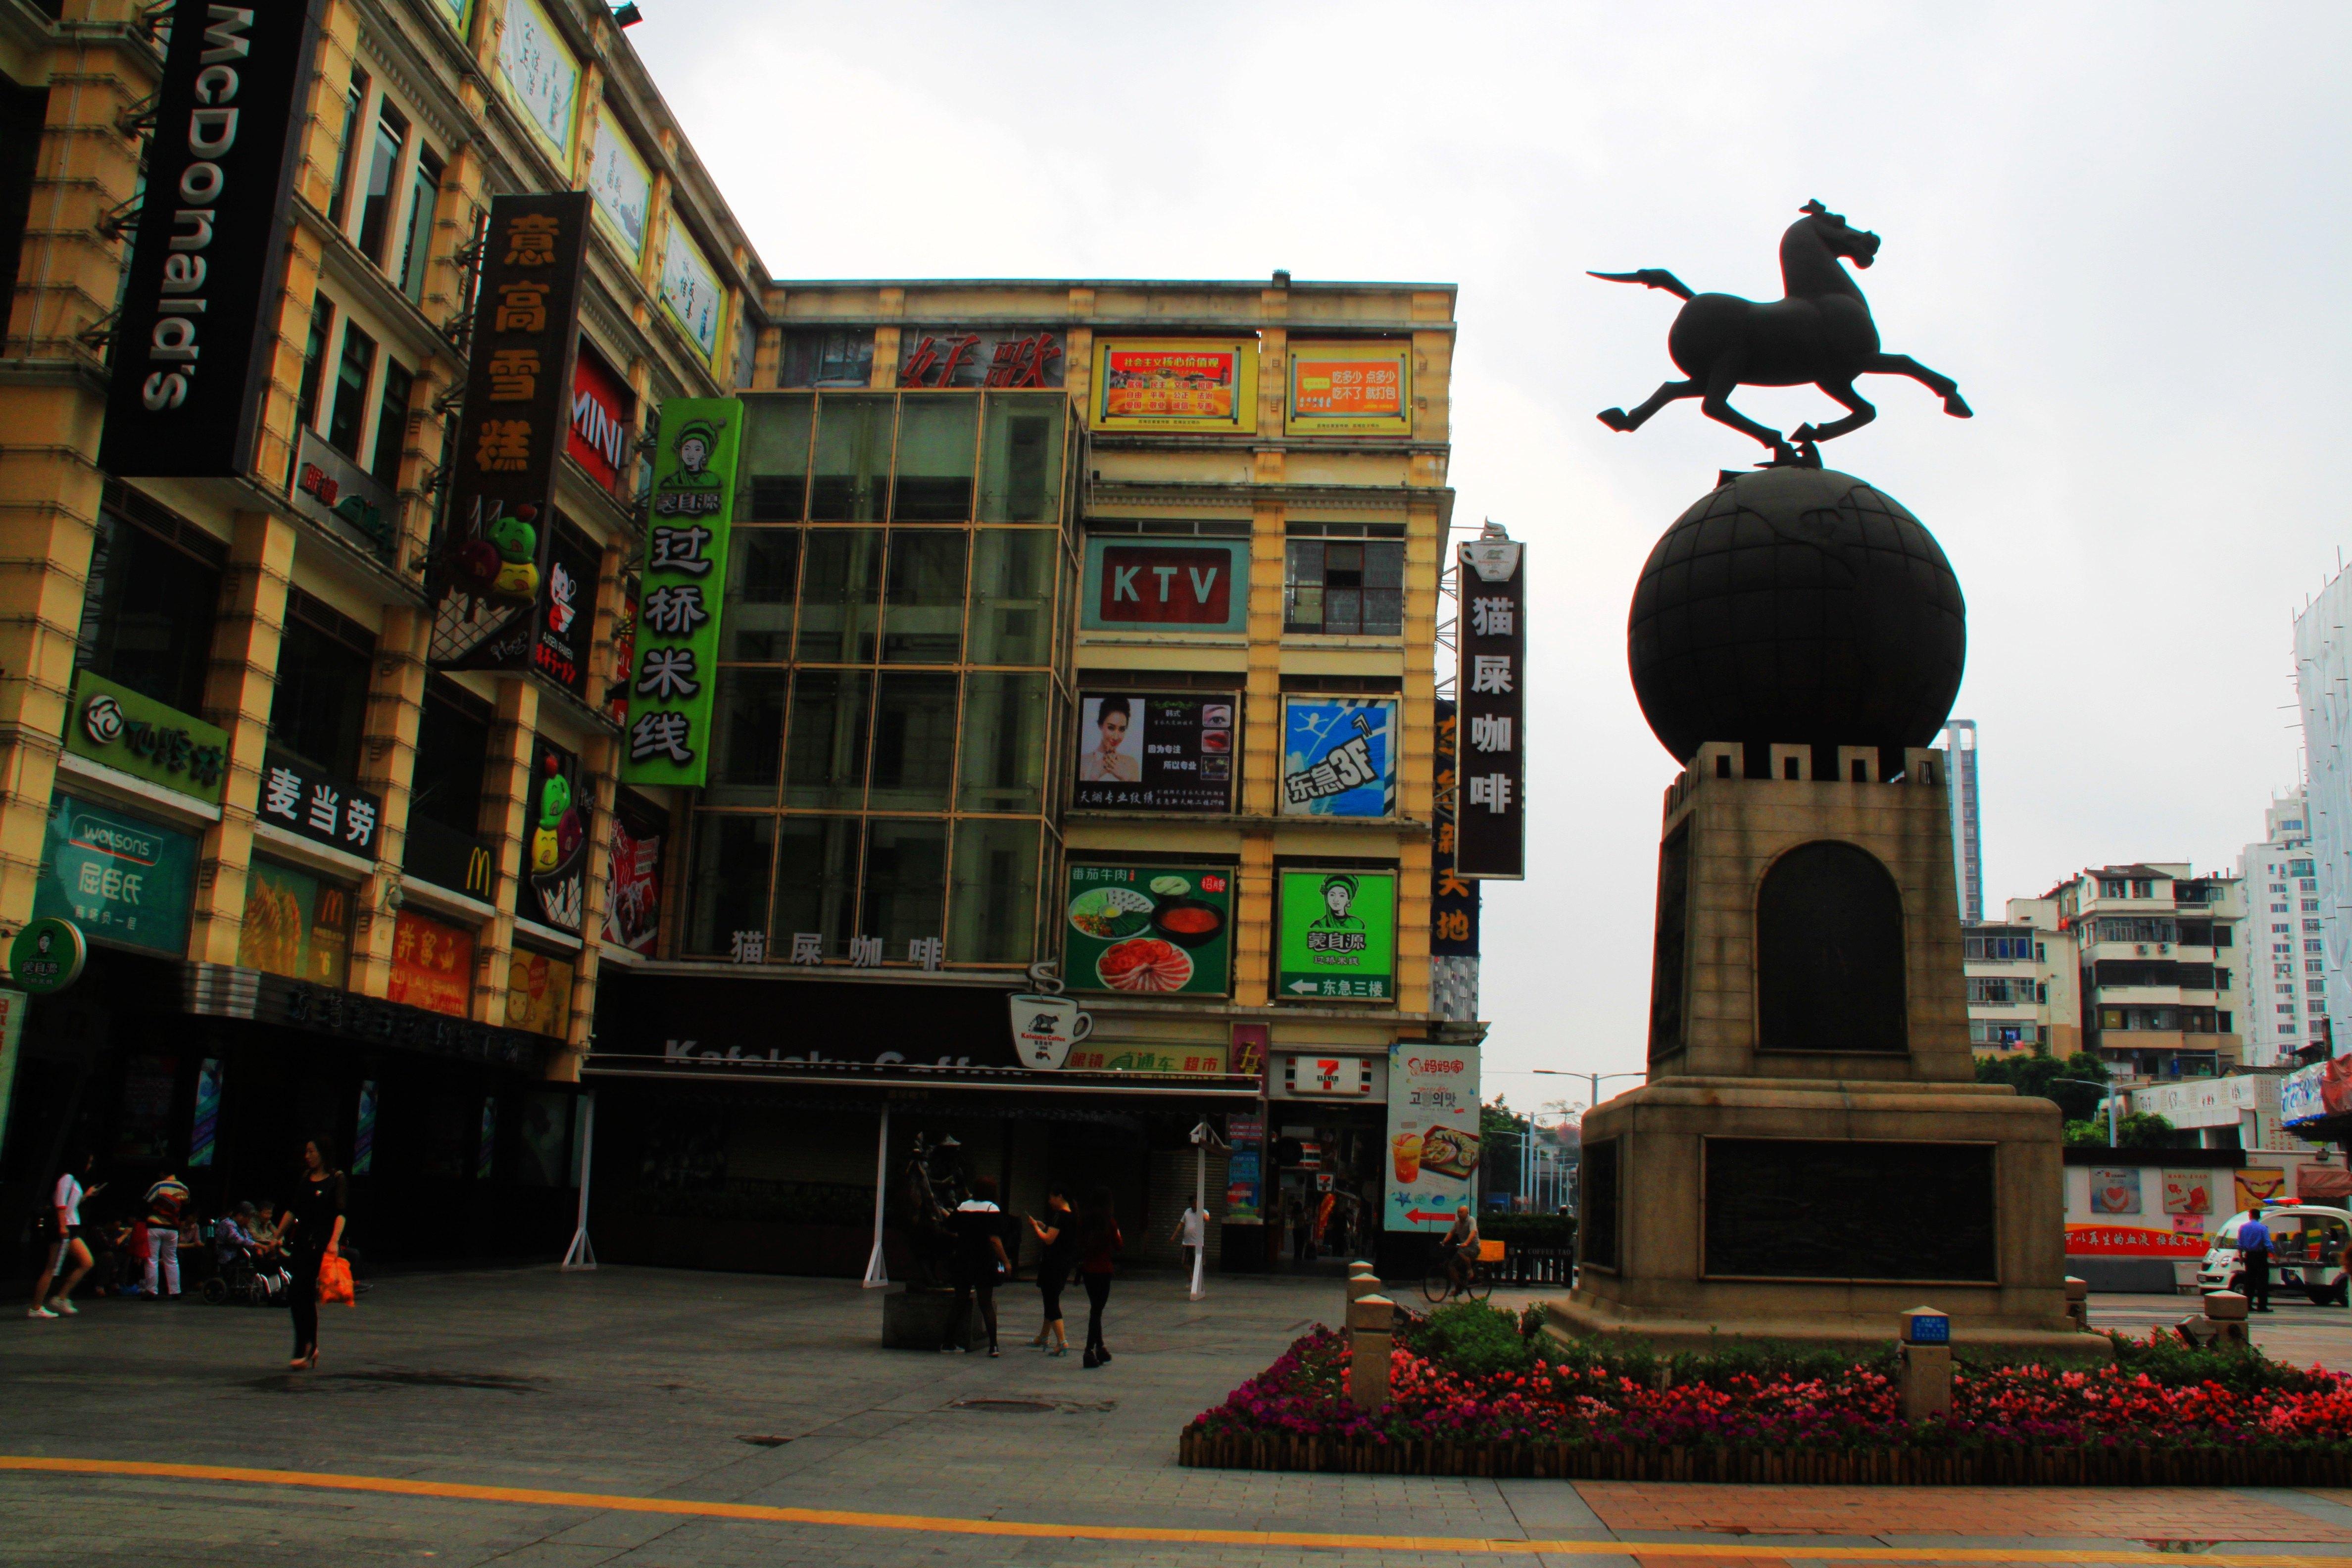 上下九地铁站_怎样去广州上下九步行街?